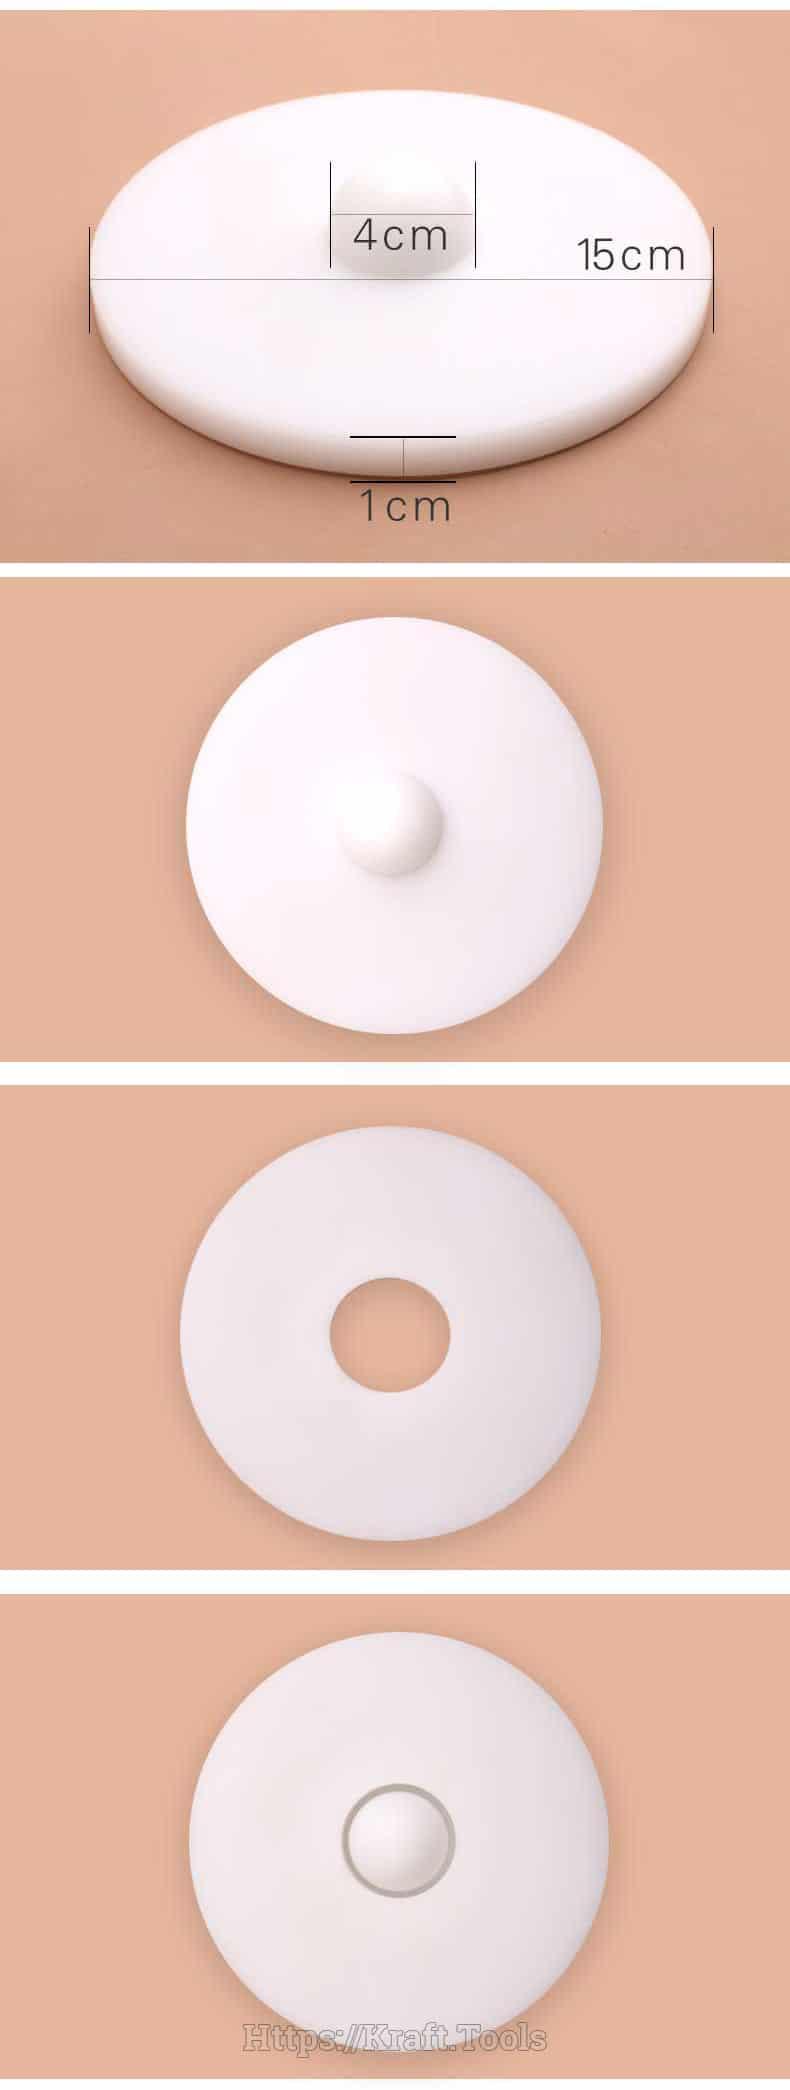 Khuôn ép da tròn cạnh lớn (2)